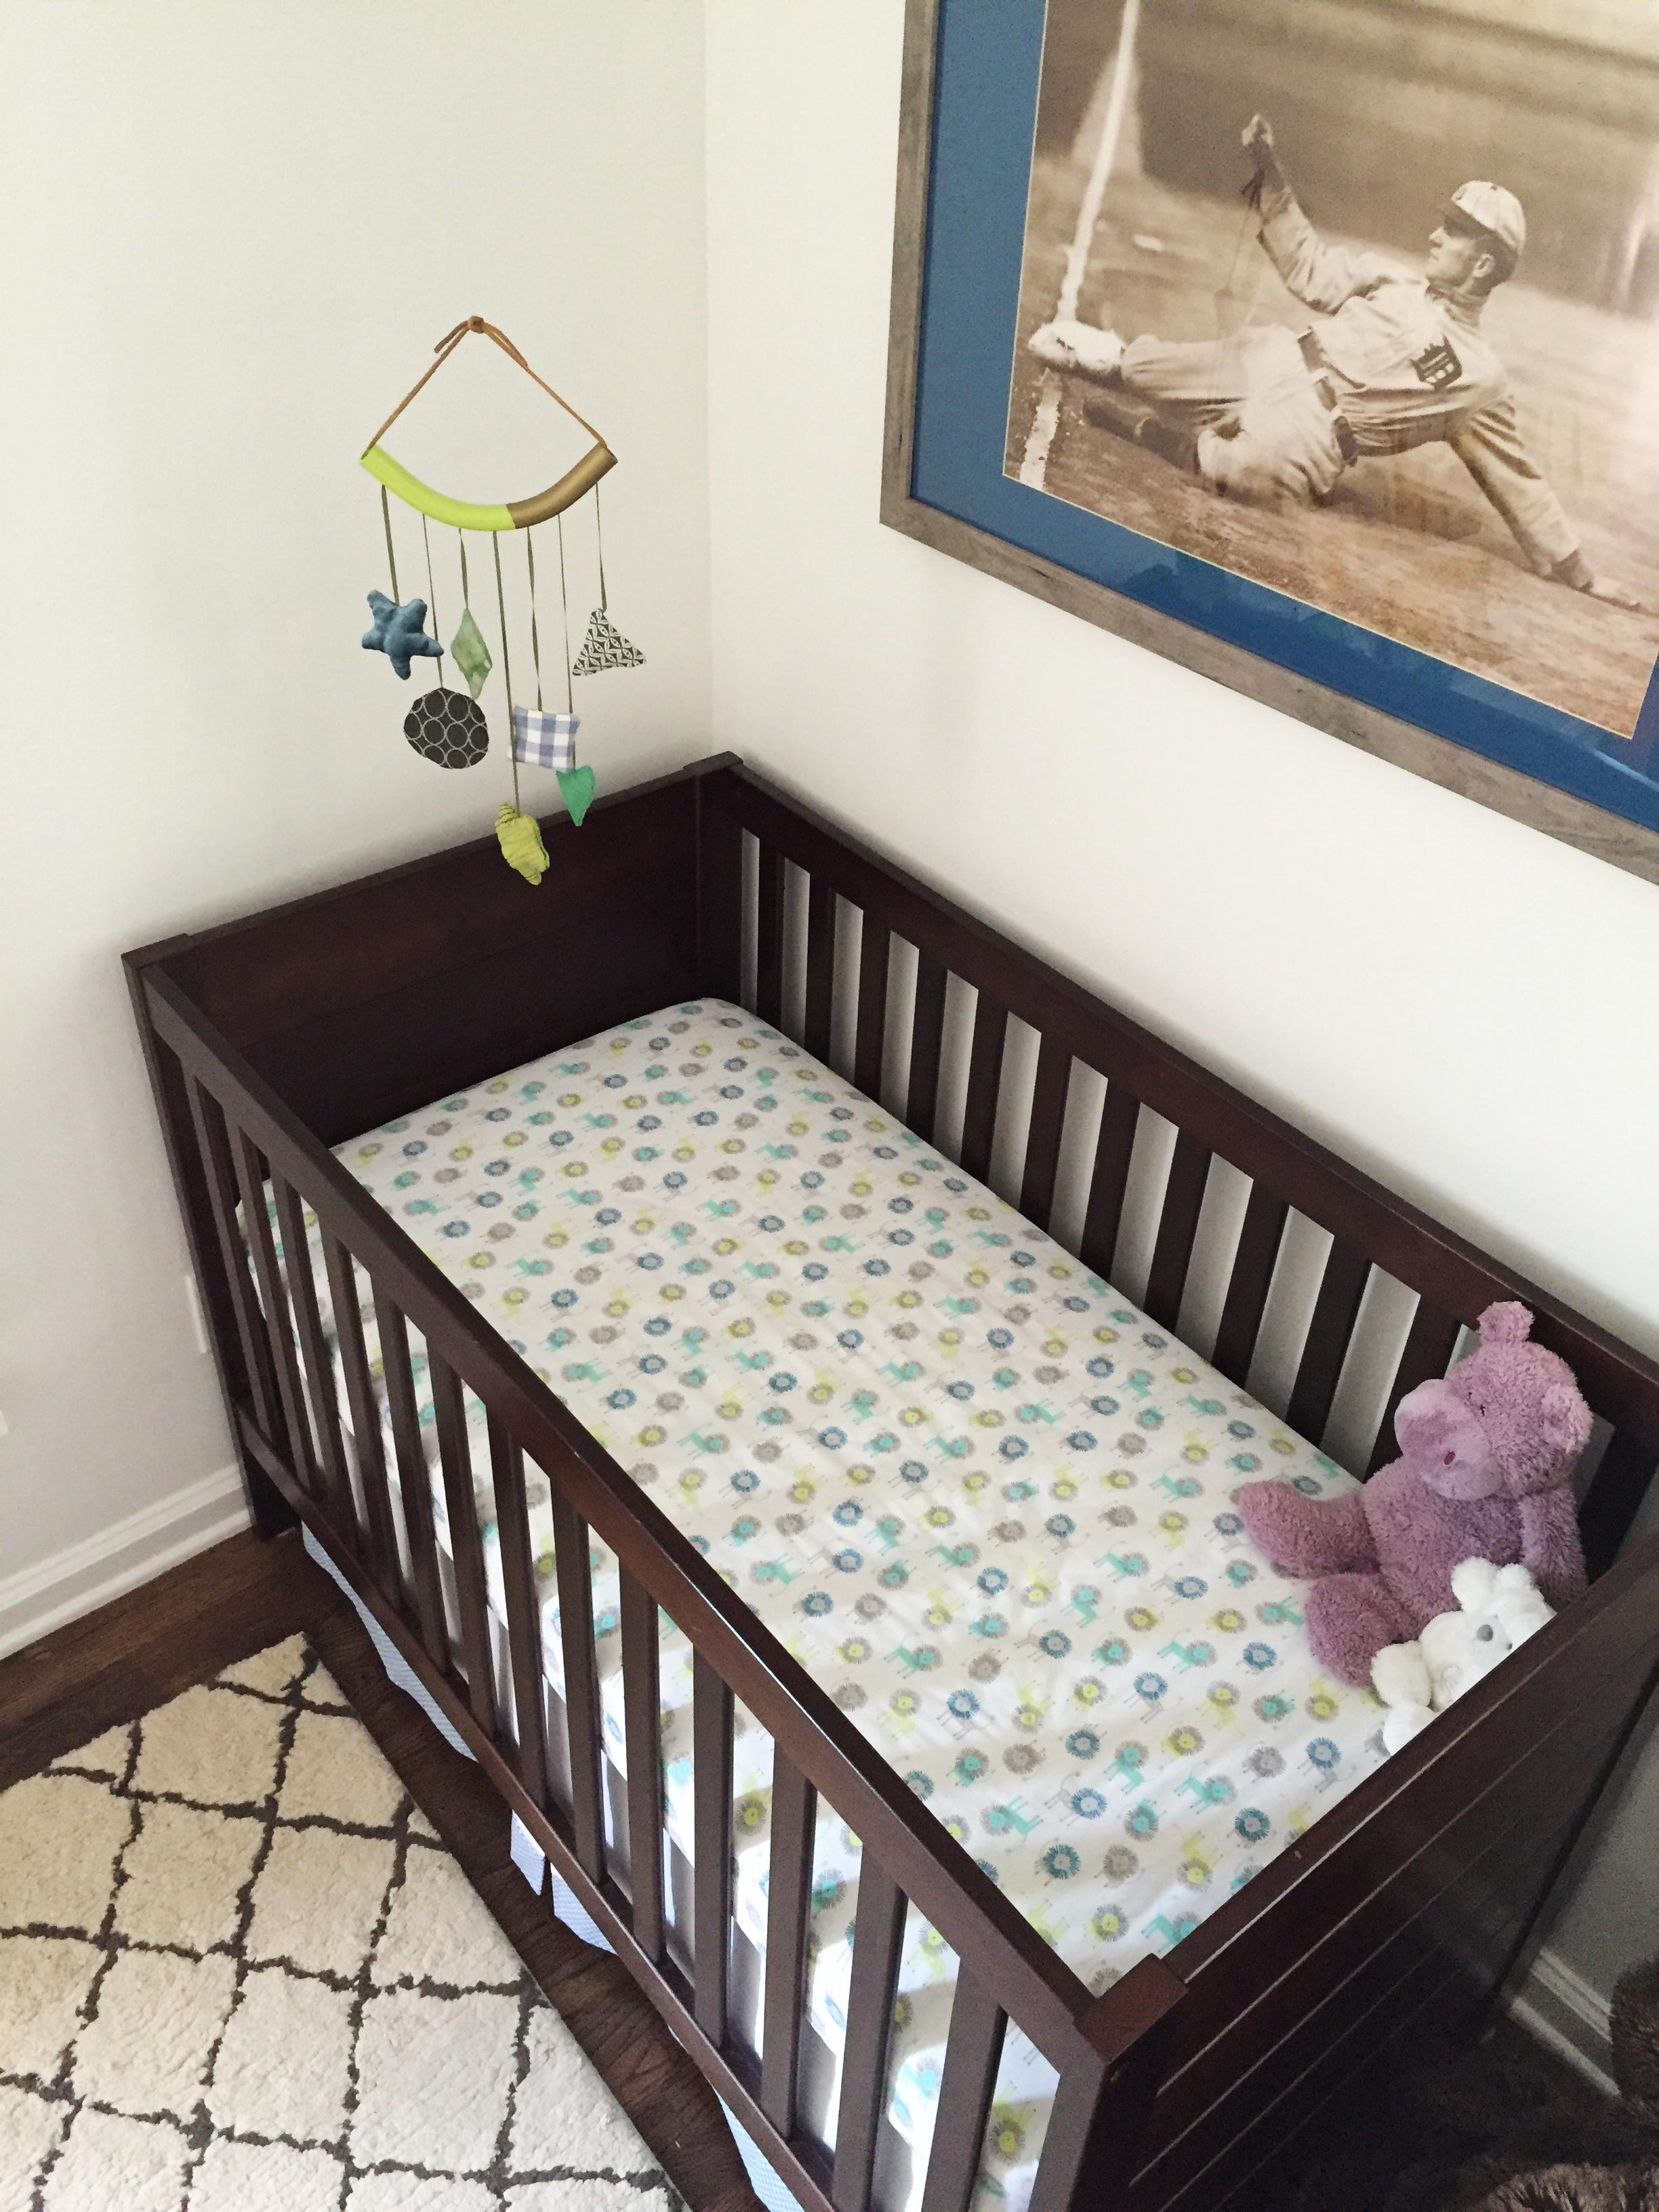 baby boy crib and mobile.JPG